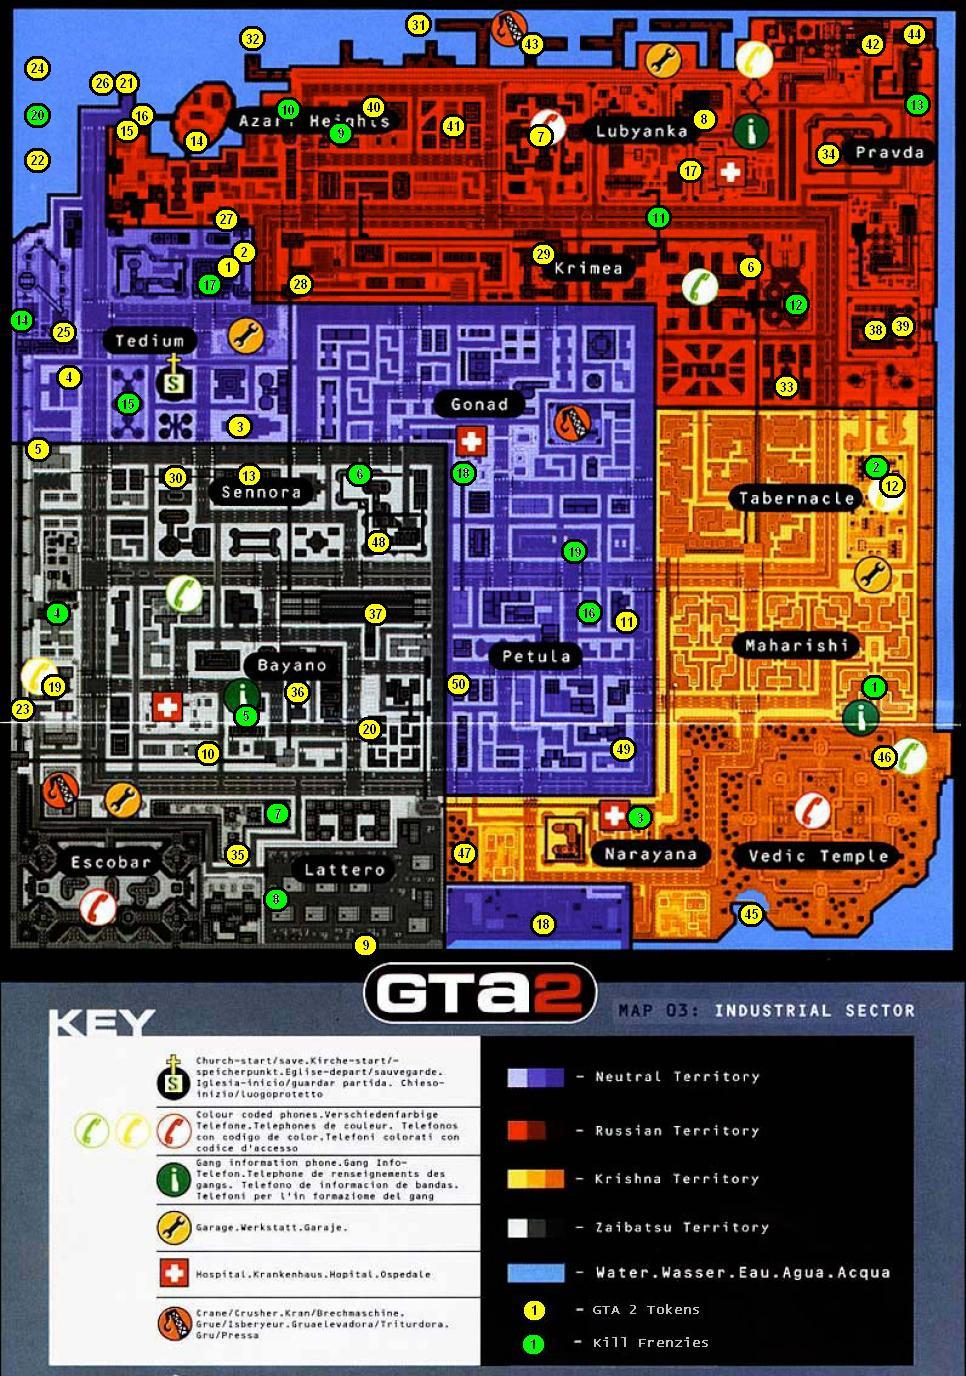 Gta 2 gameboy color - Industrial